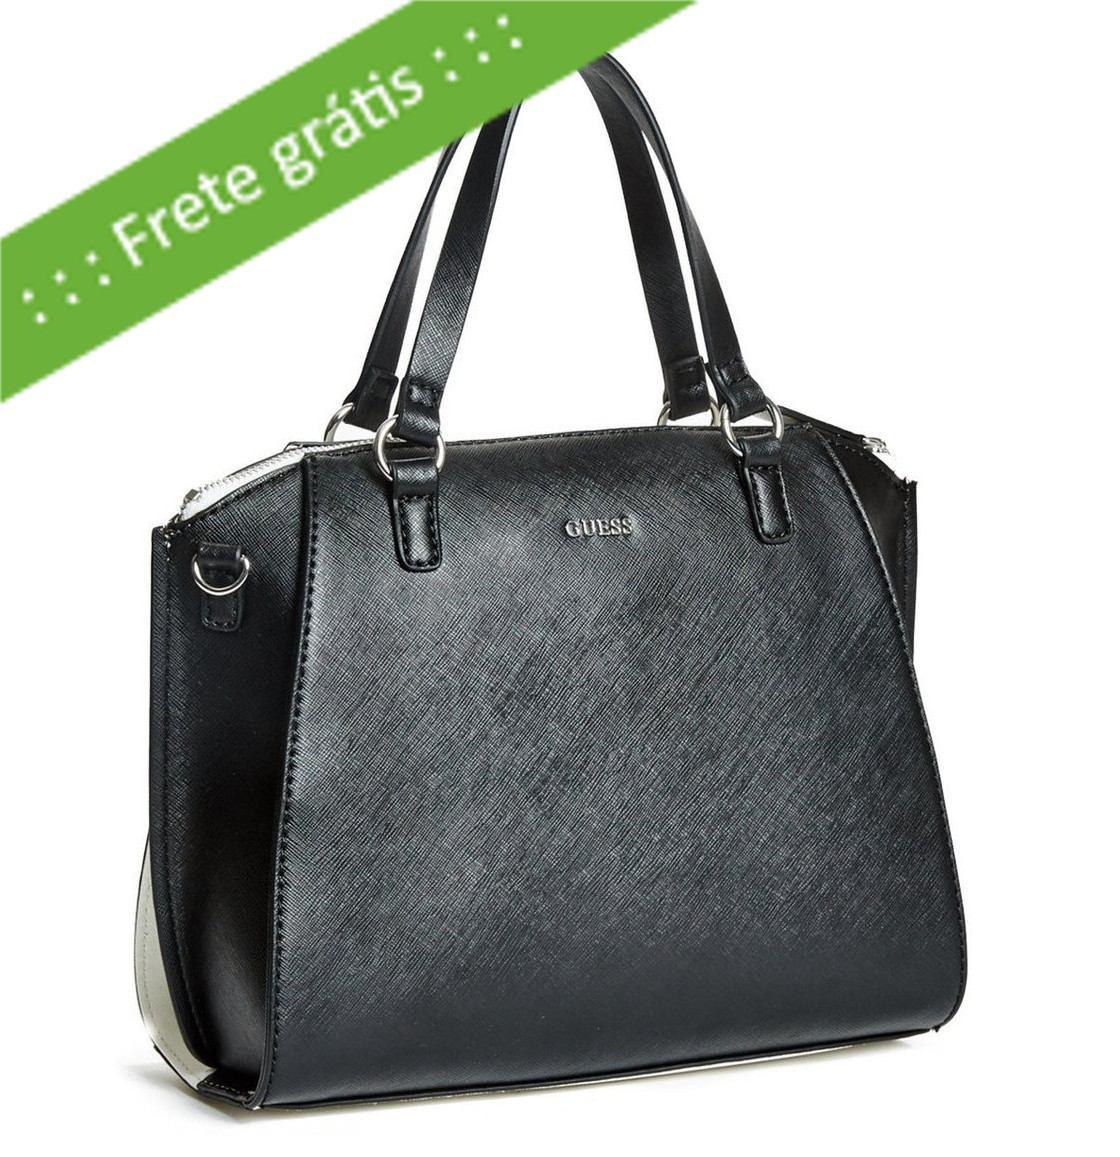 4703ad743 bolsa guess satchel preta/branca importada original promoção. Carregando  zoom.